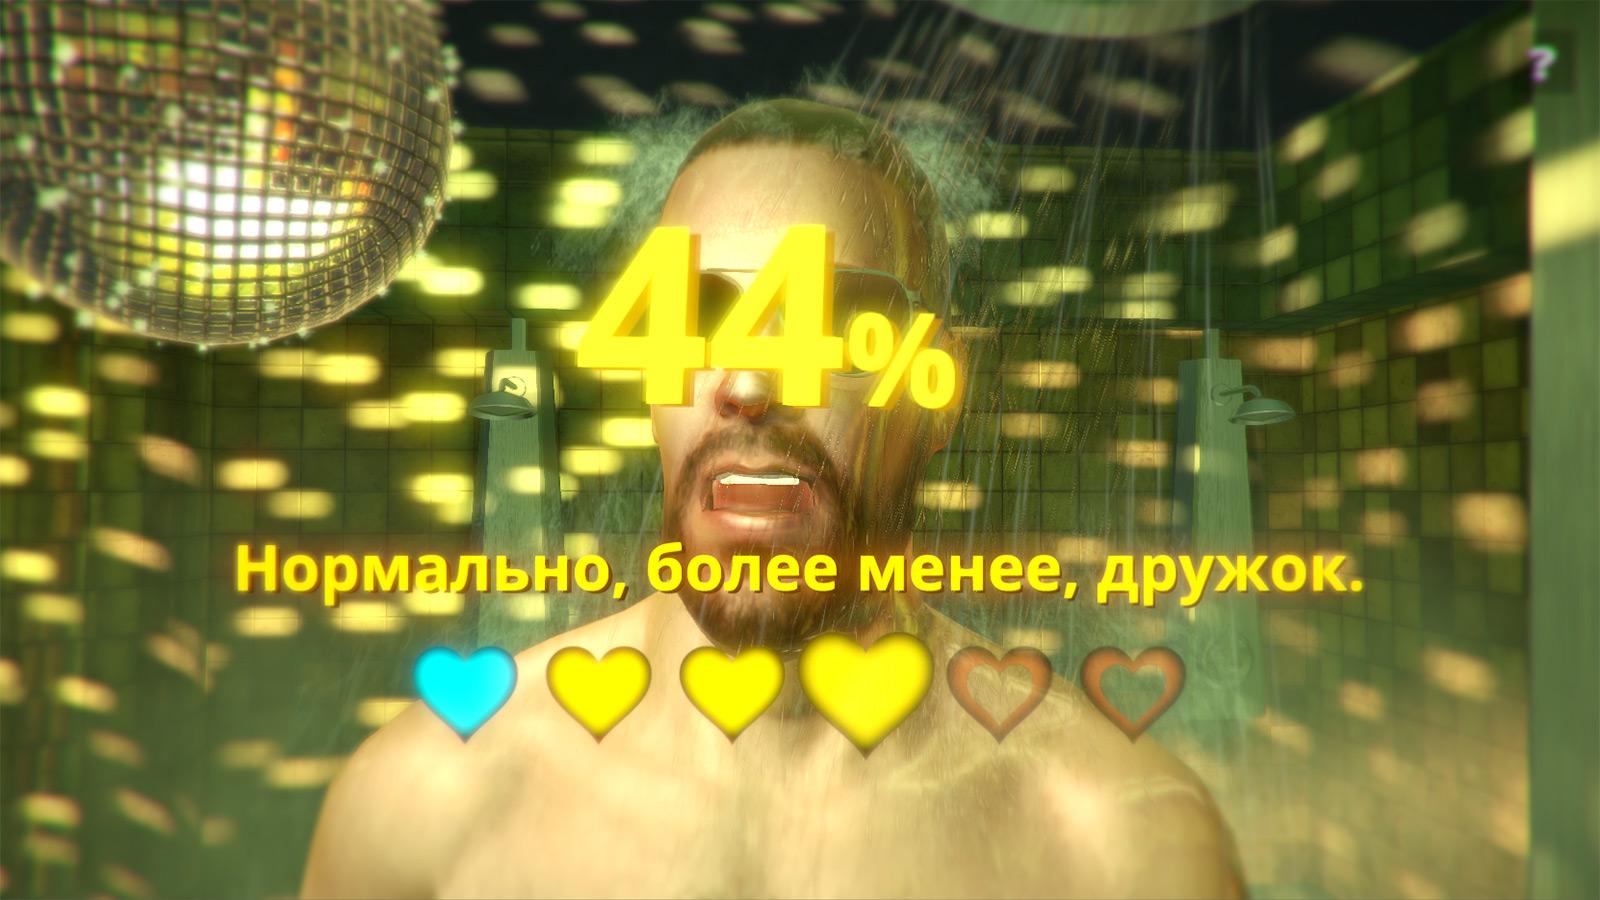 Le jeu est disponible dans une multitude de langues, ce n'est pas anodin.